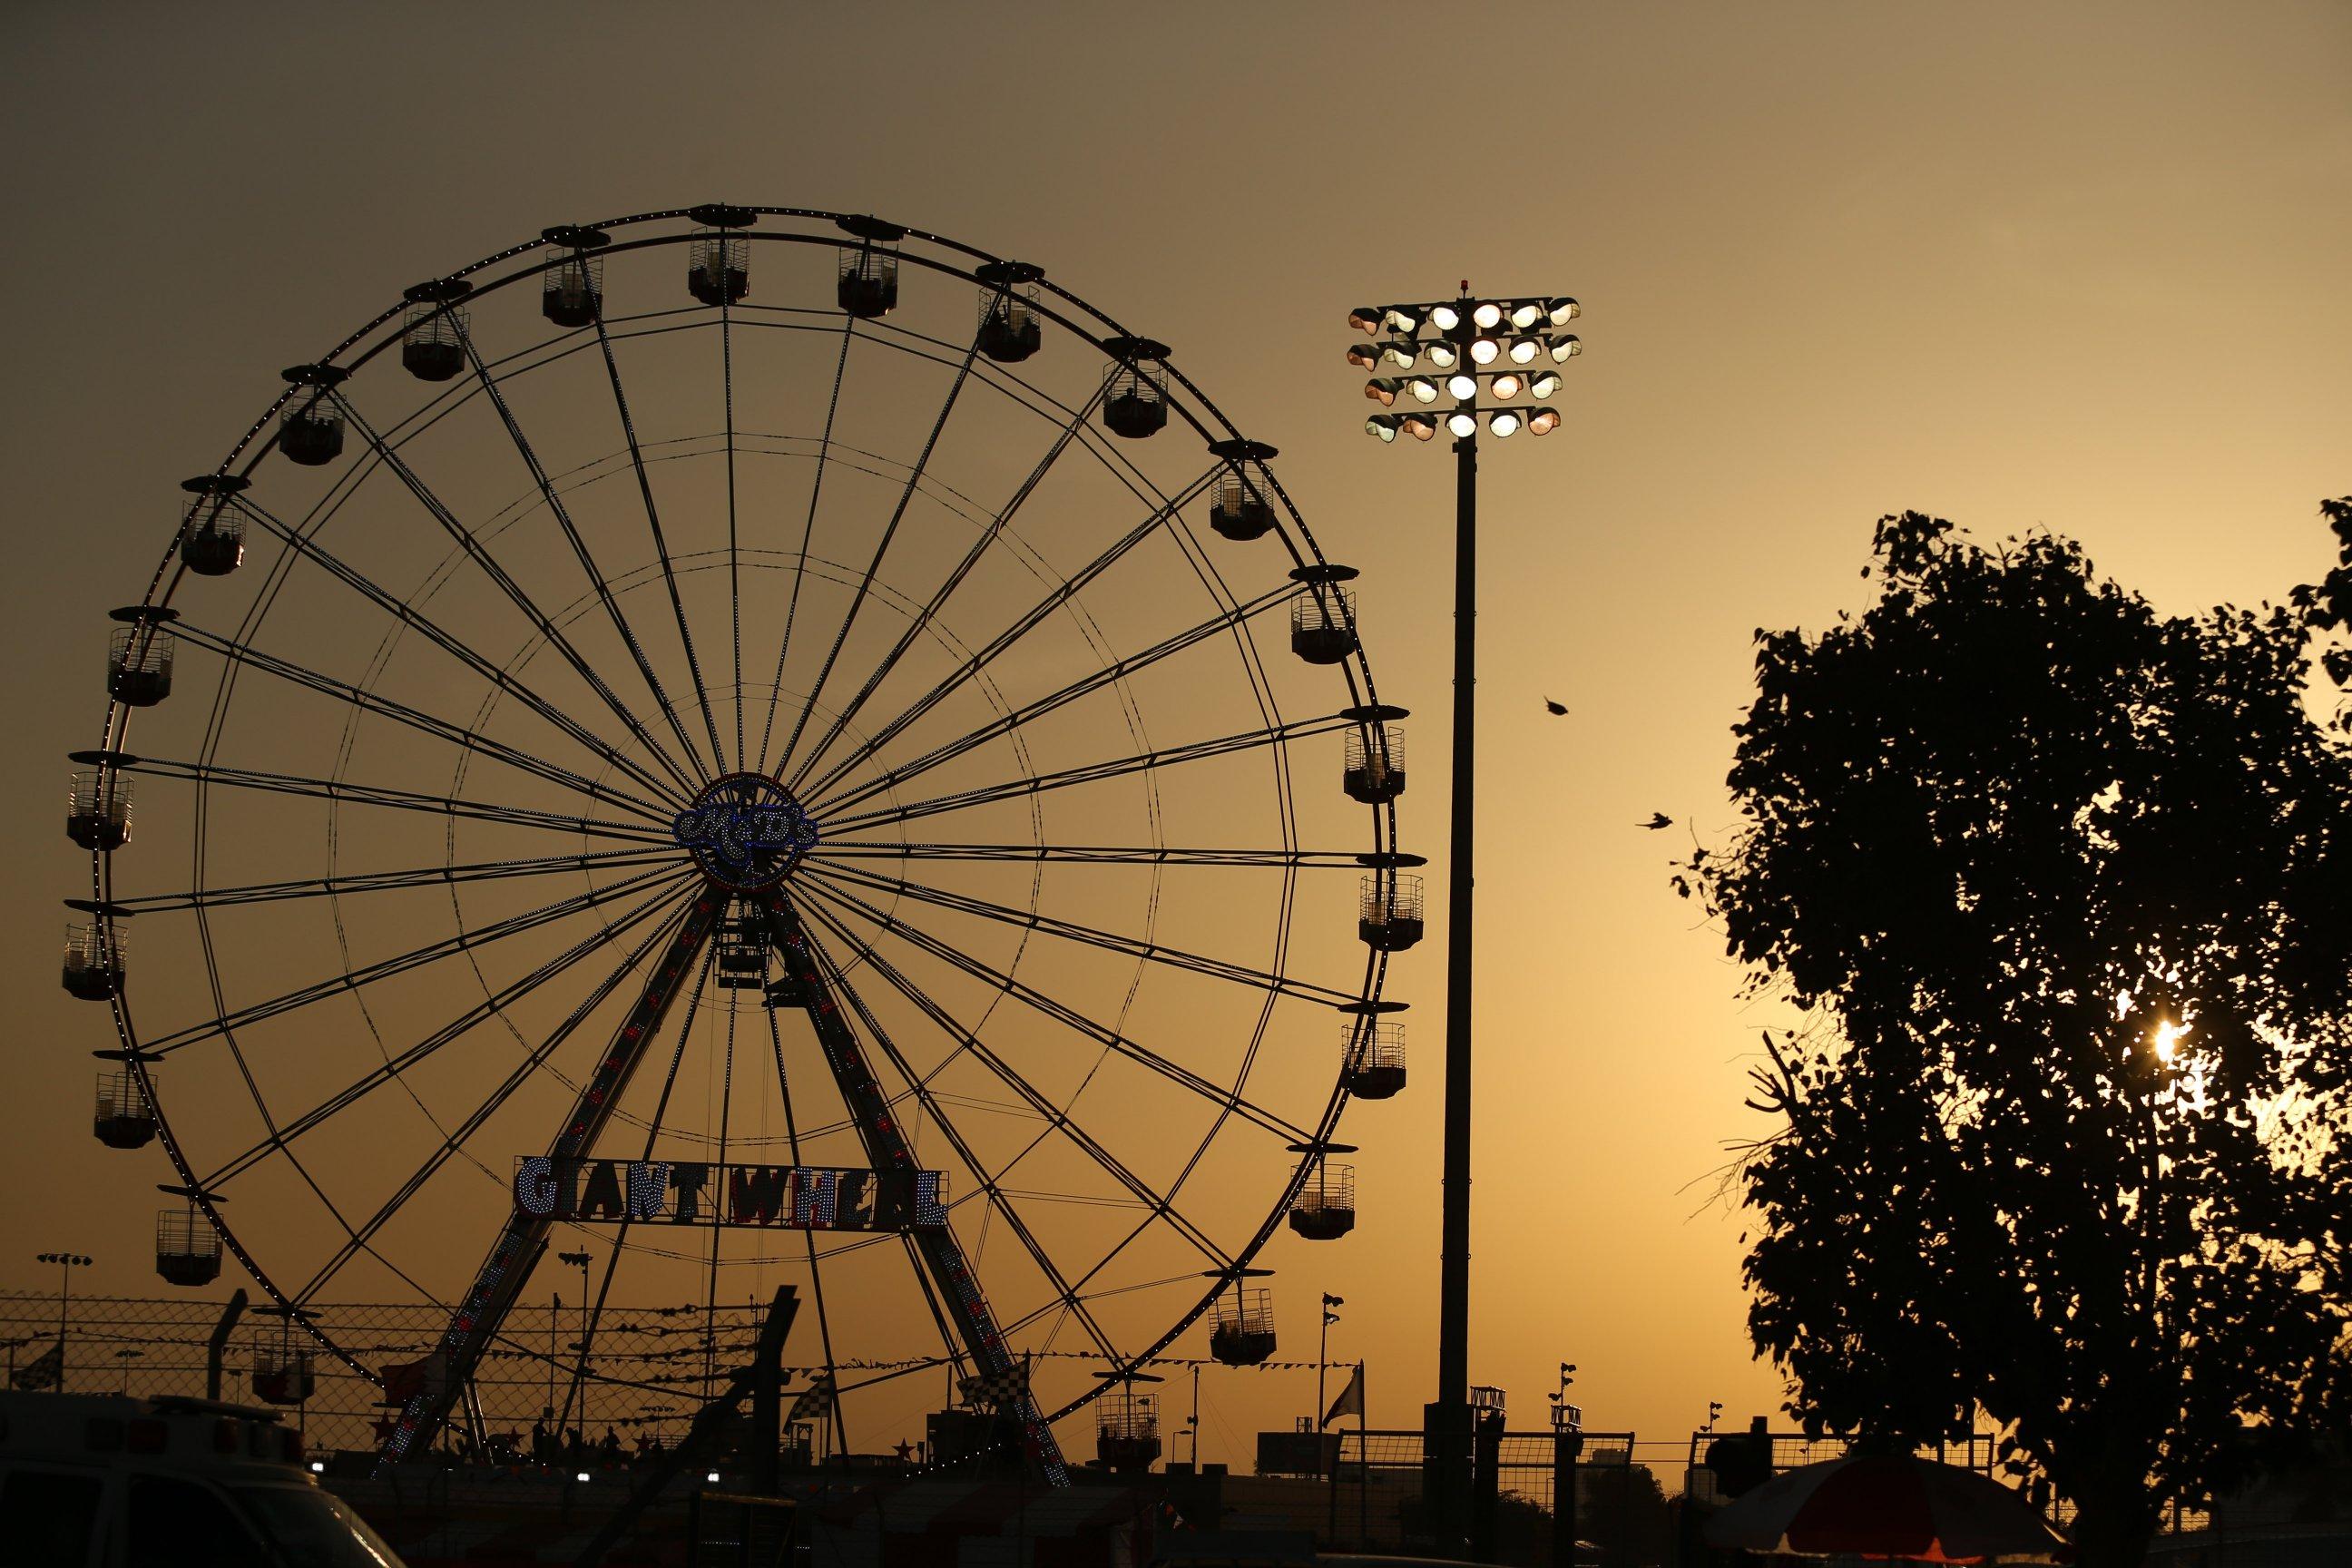 Sky Sport F1, Diretta Esclusiva Gp Bahrain (28 - 31 Marzo). In chiaro differita TV8